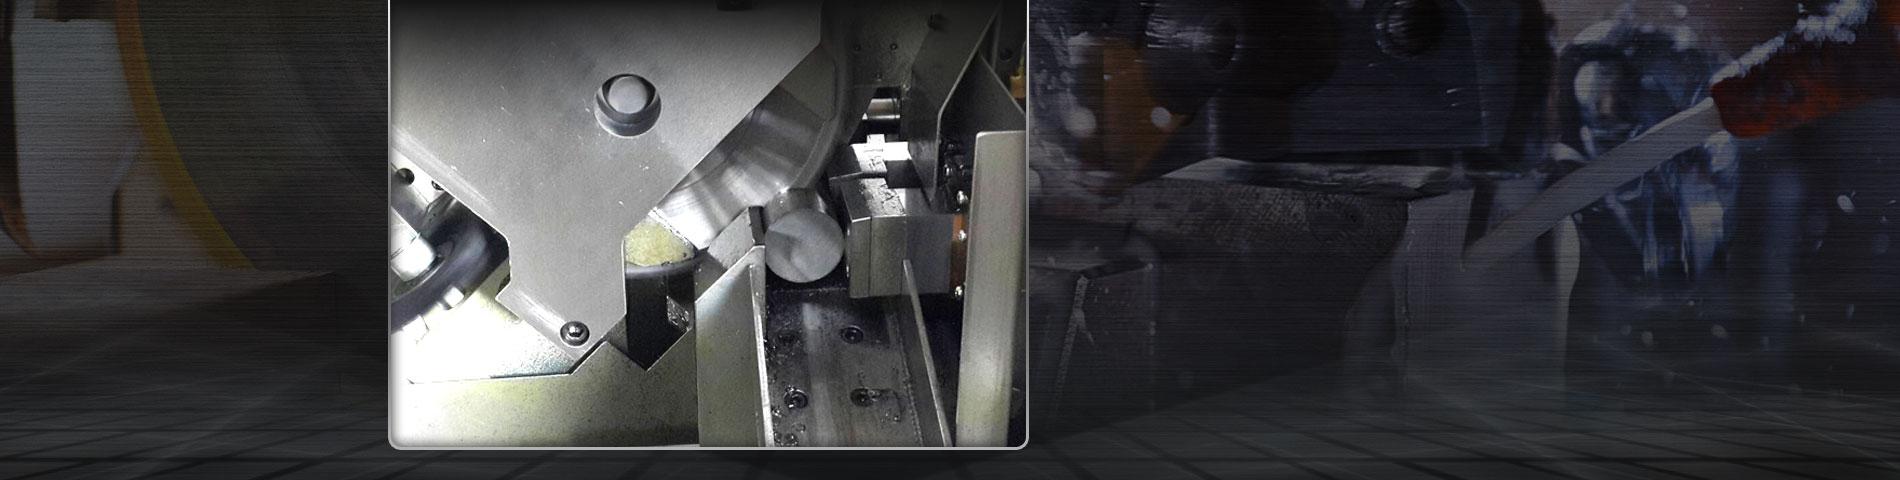 برش به طول سرویس میله های فولادی